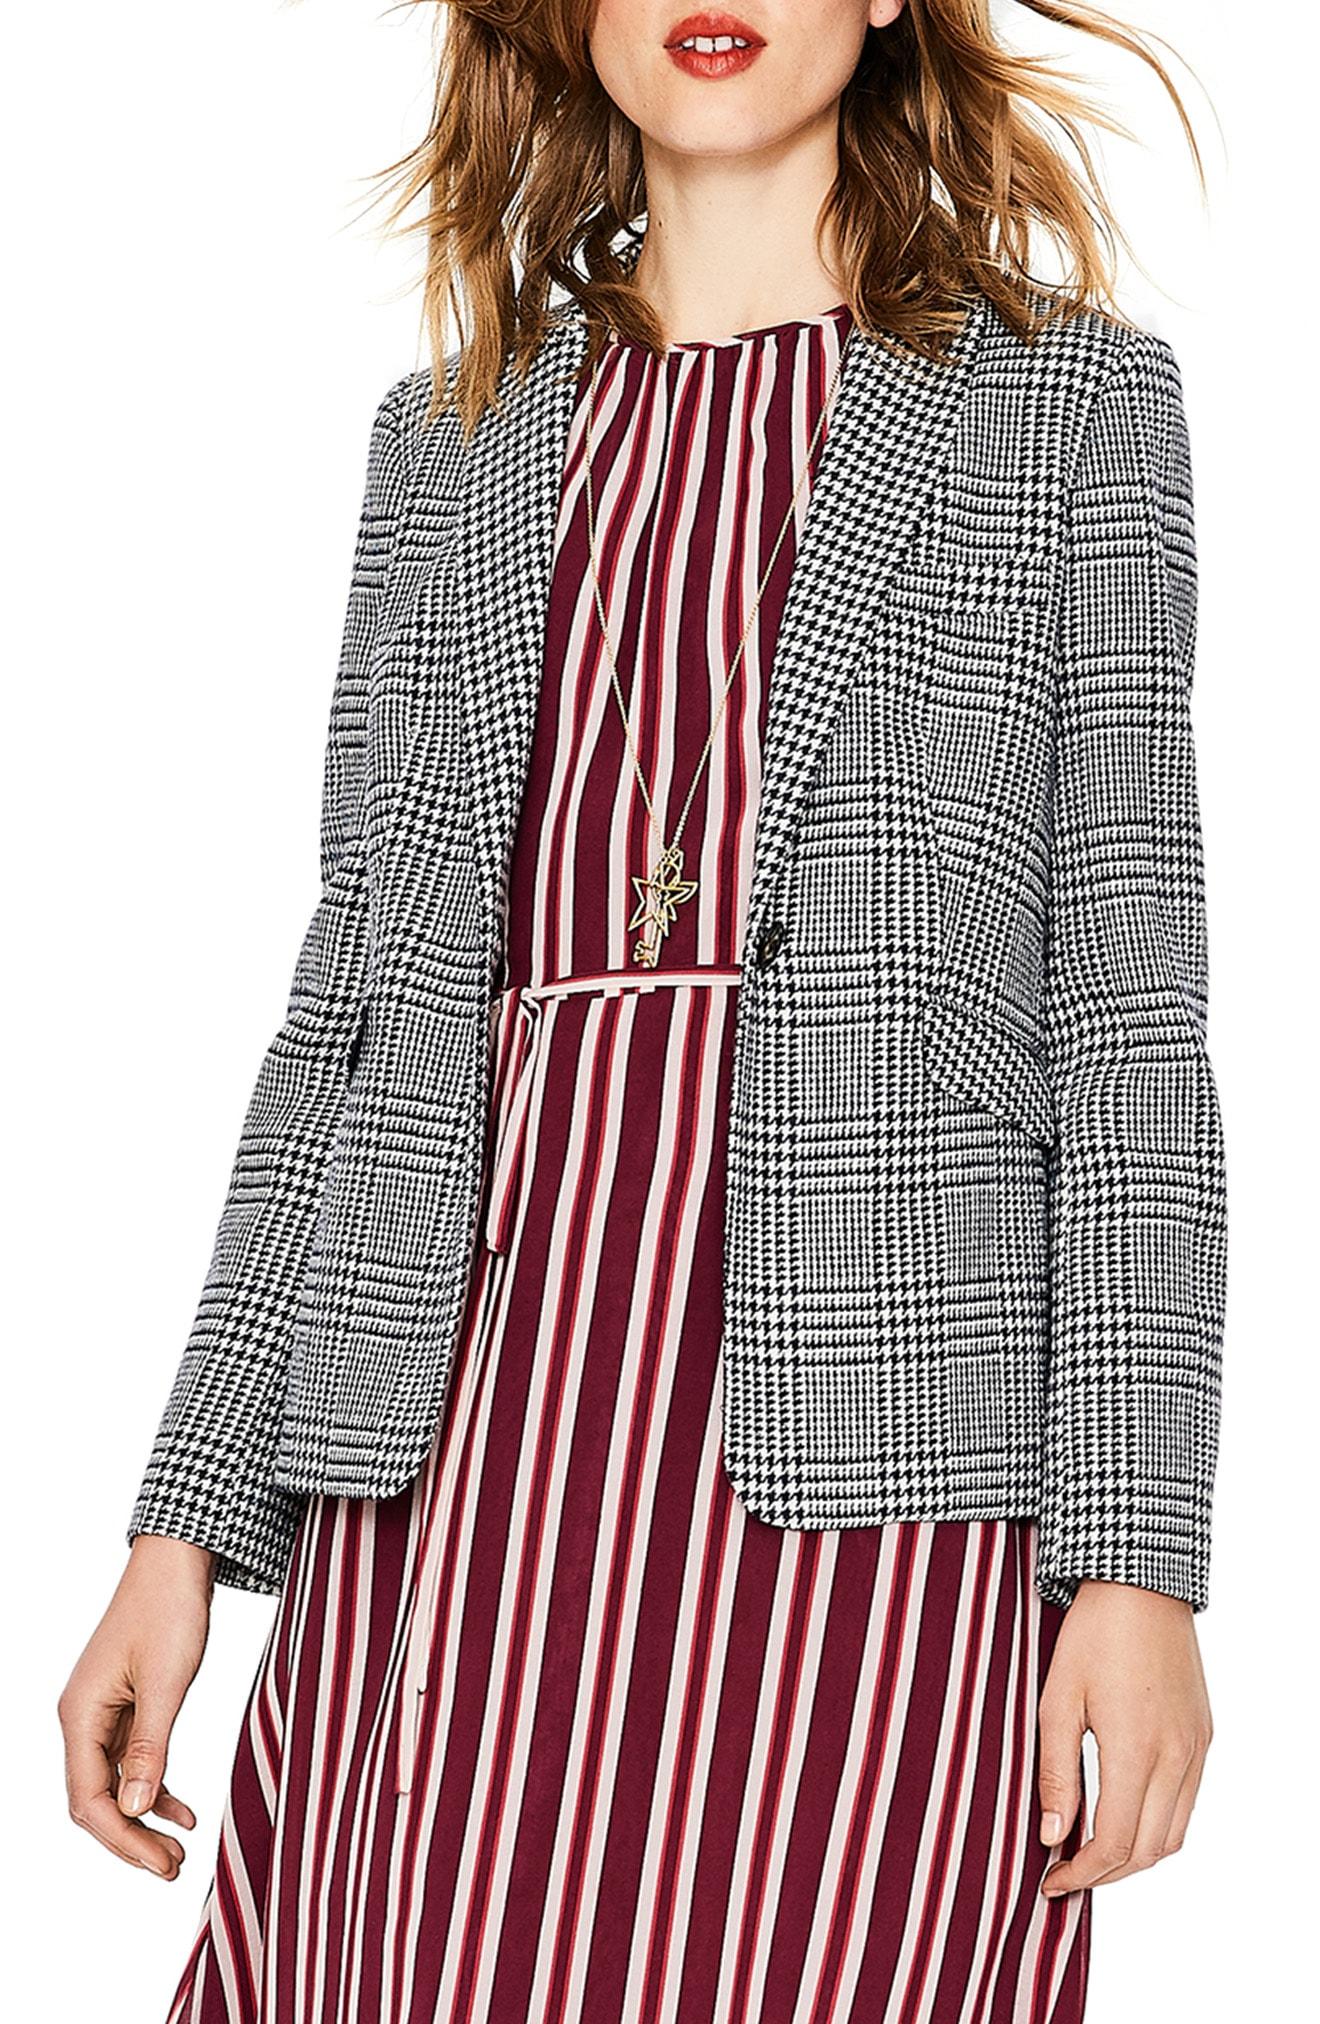 Boden British Tweed Wool Blazer